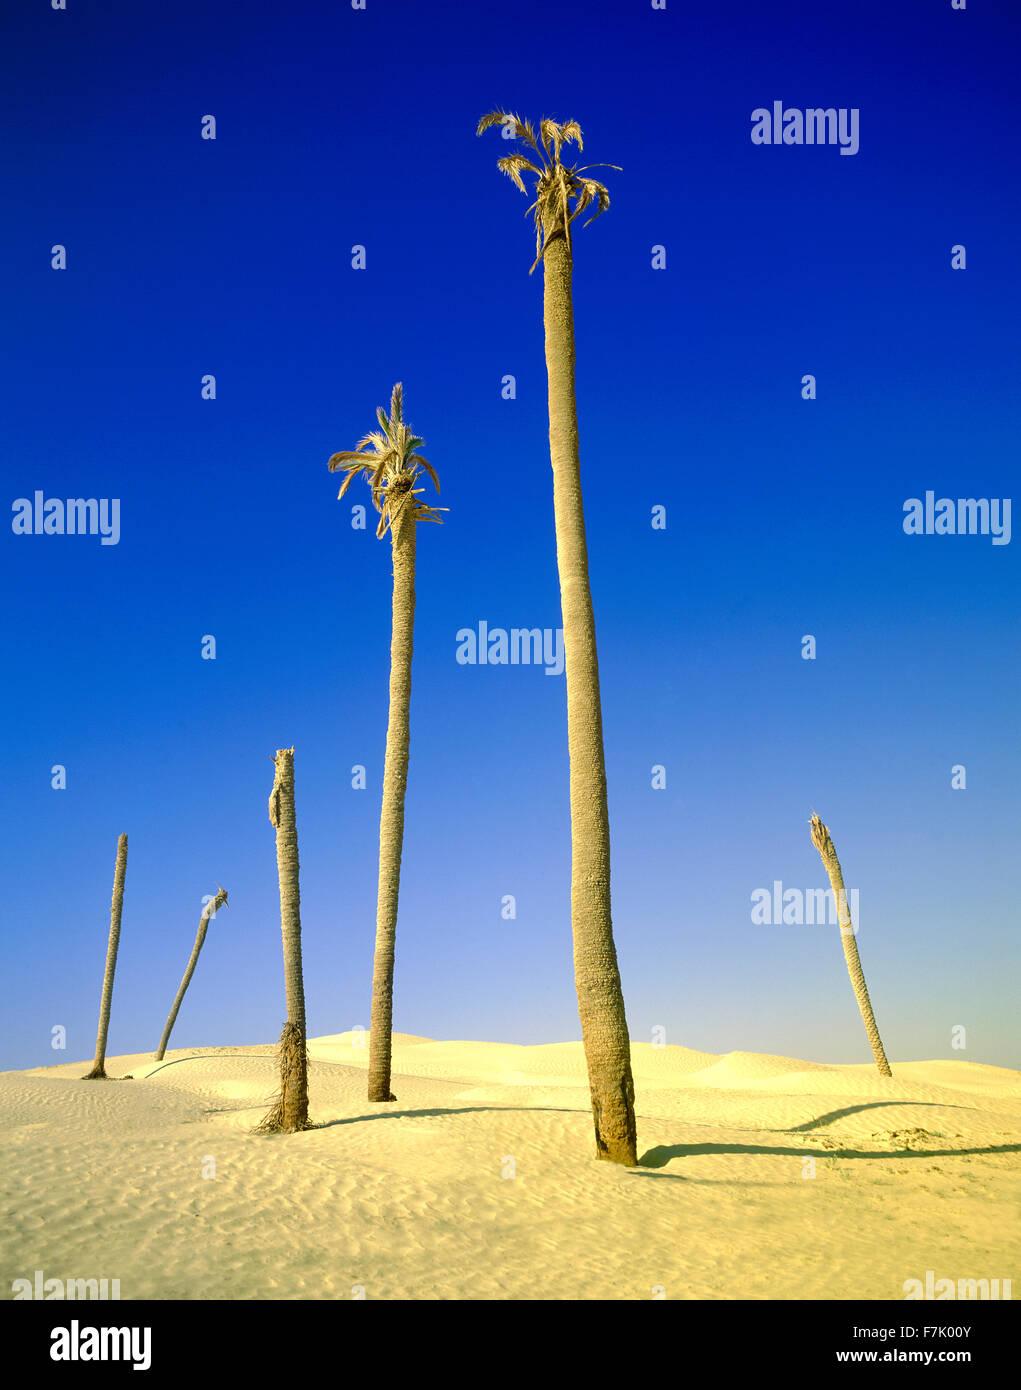 Palmeras muertas en la gran duna. El Desierto del Sahara. En los bordes de la pequeña ciudad de Douz con. Región Imagen De Stock